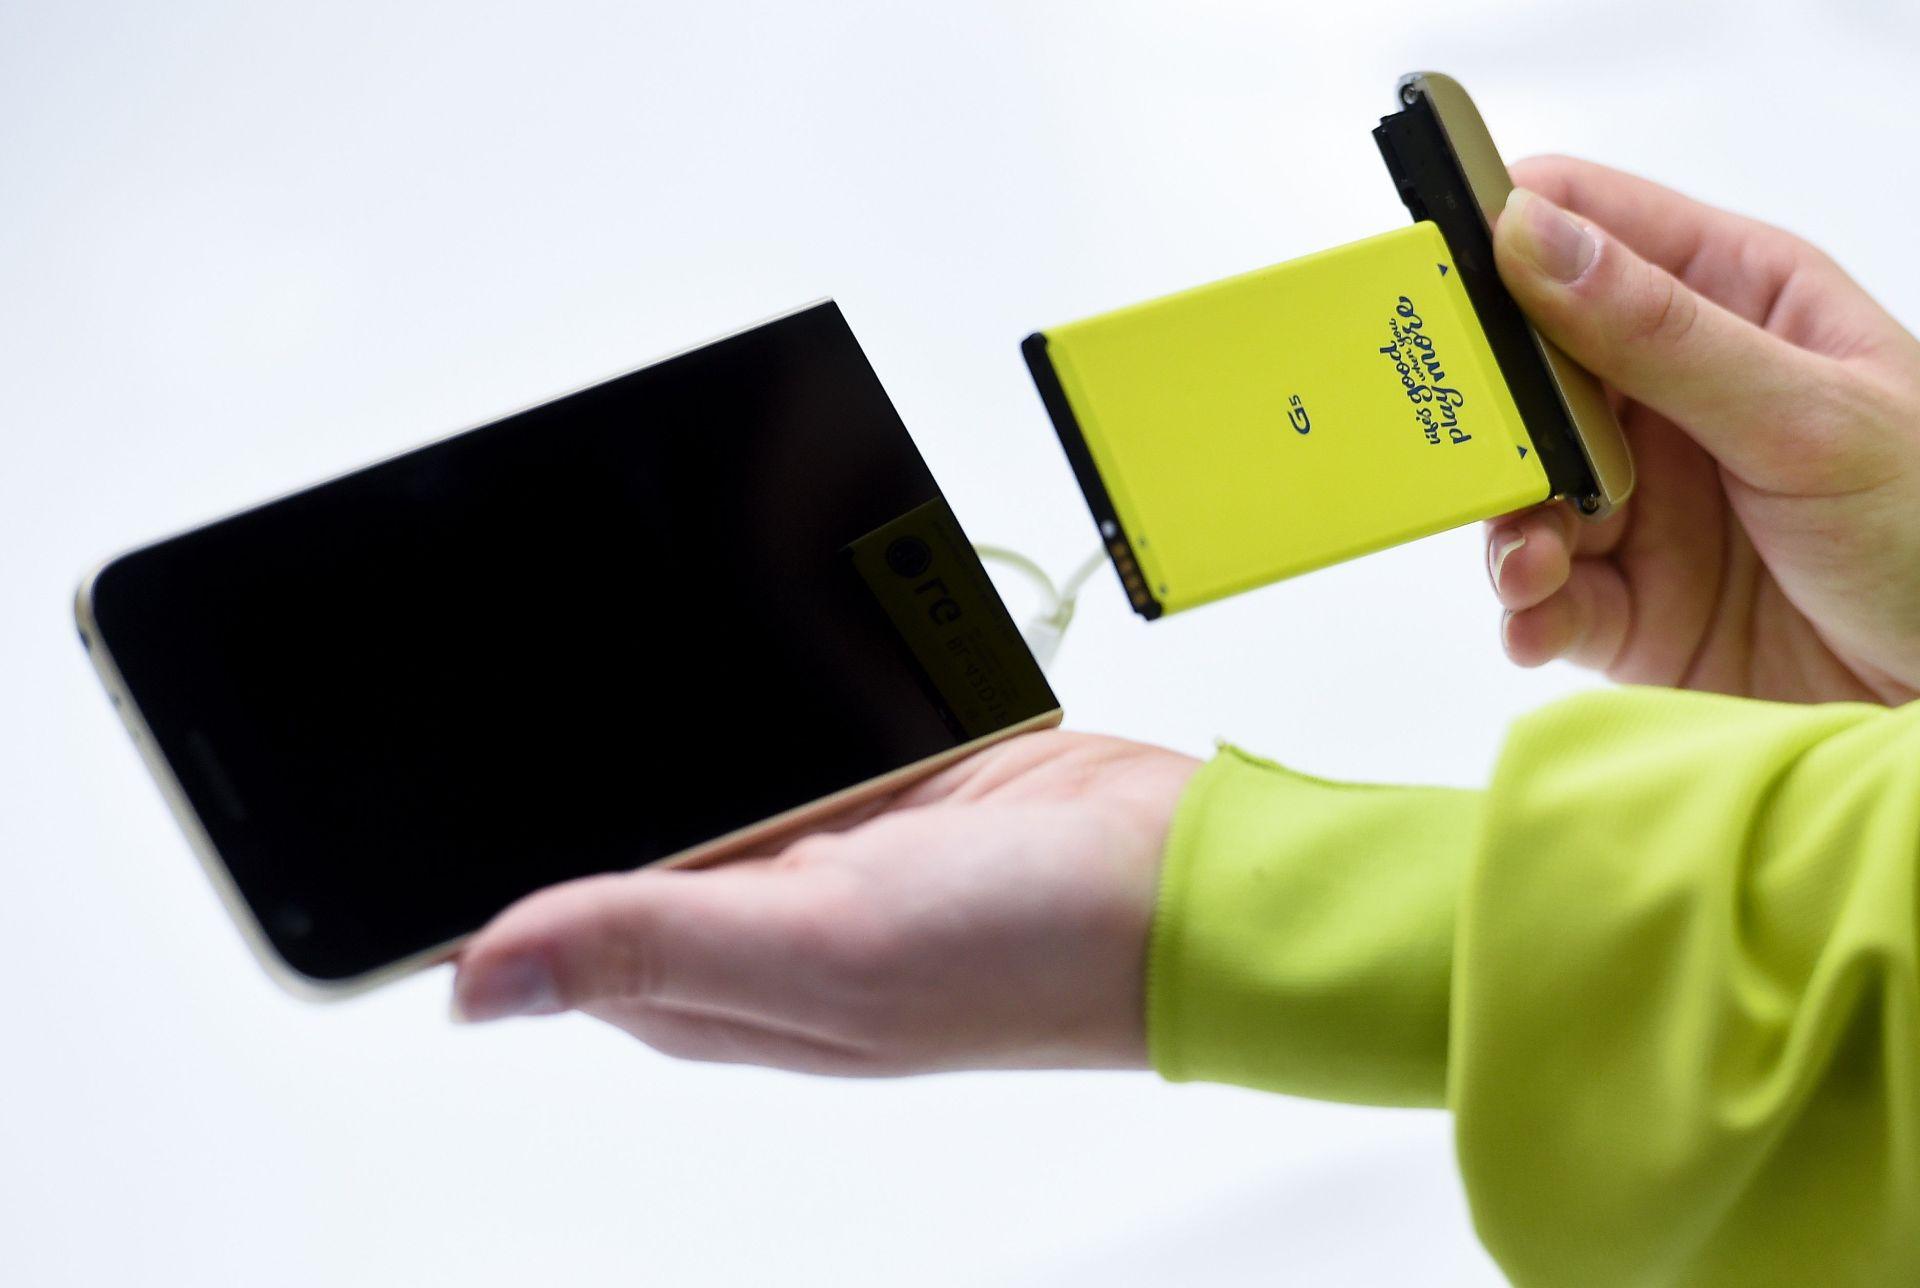 El LG G5 es uno de los pocos Smartphones de alta gama con batería removible o... ¿el único?